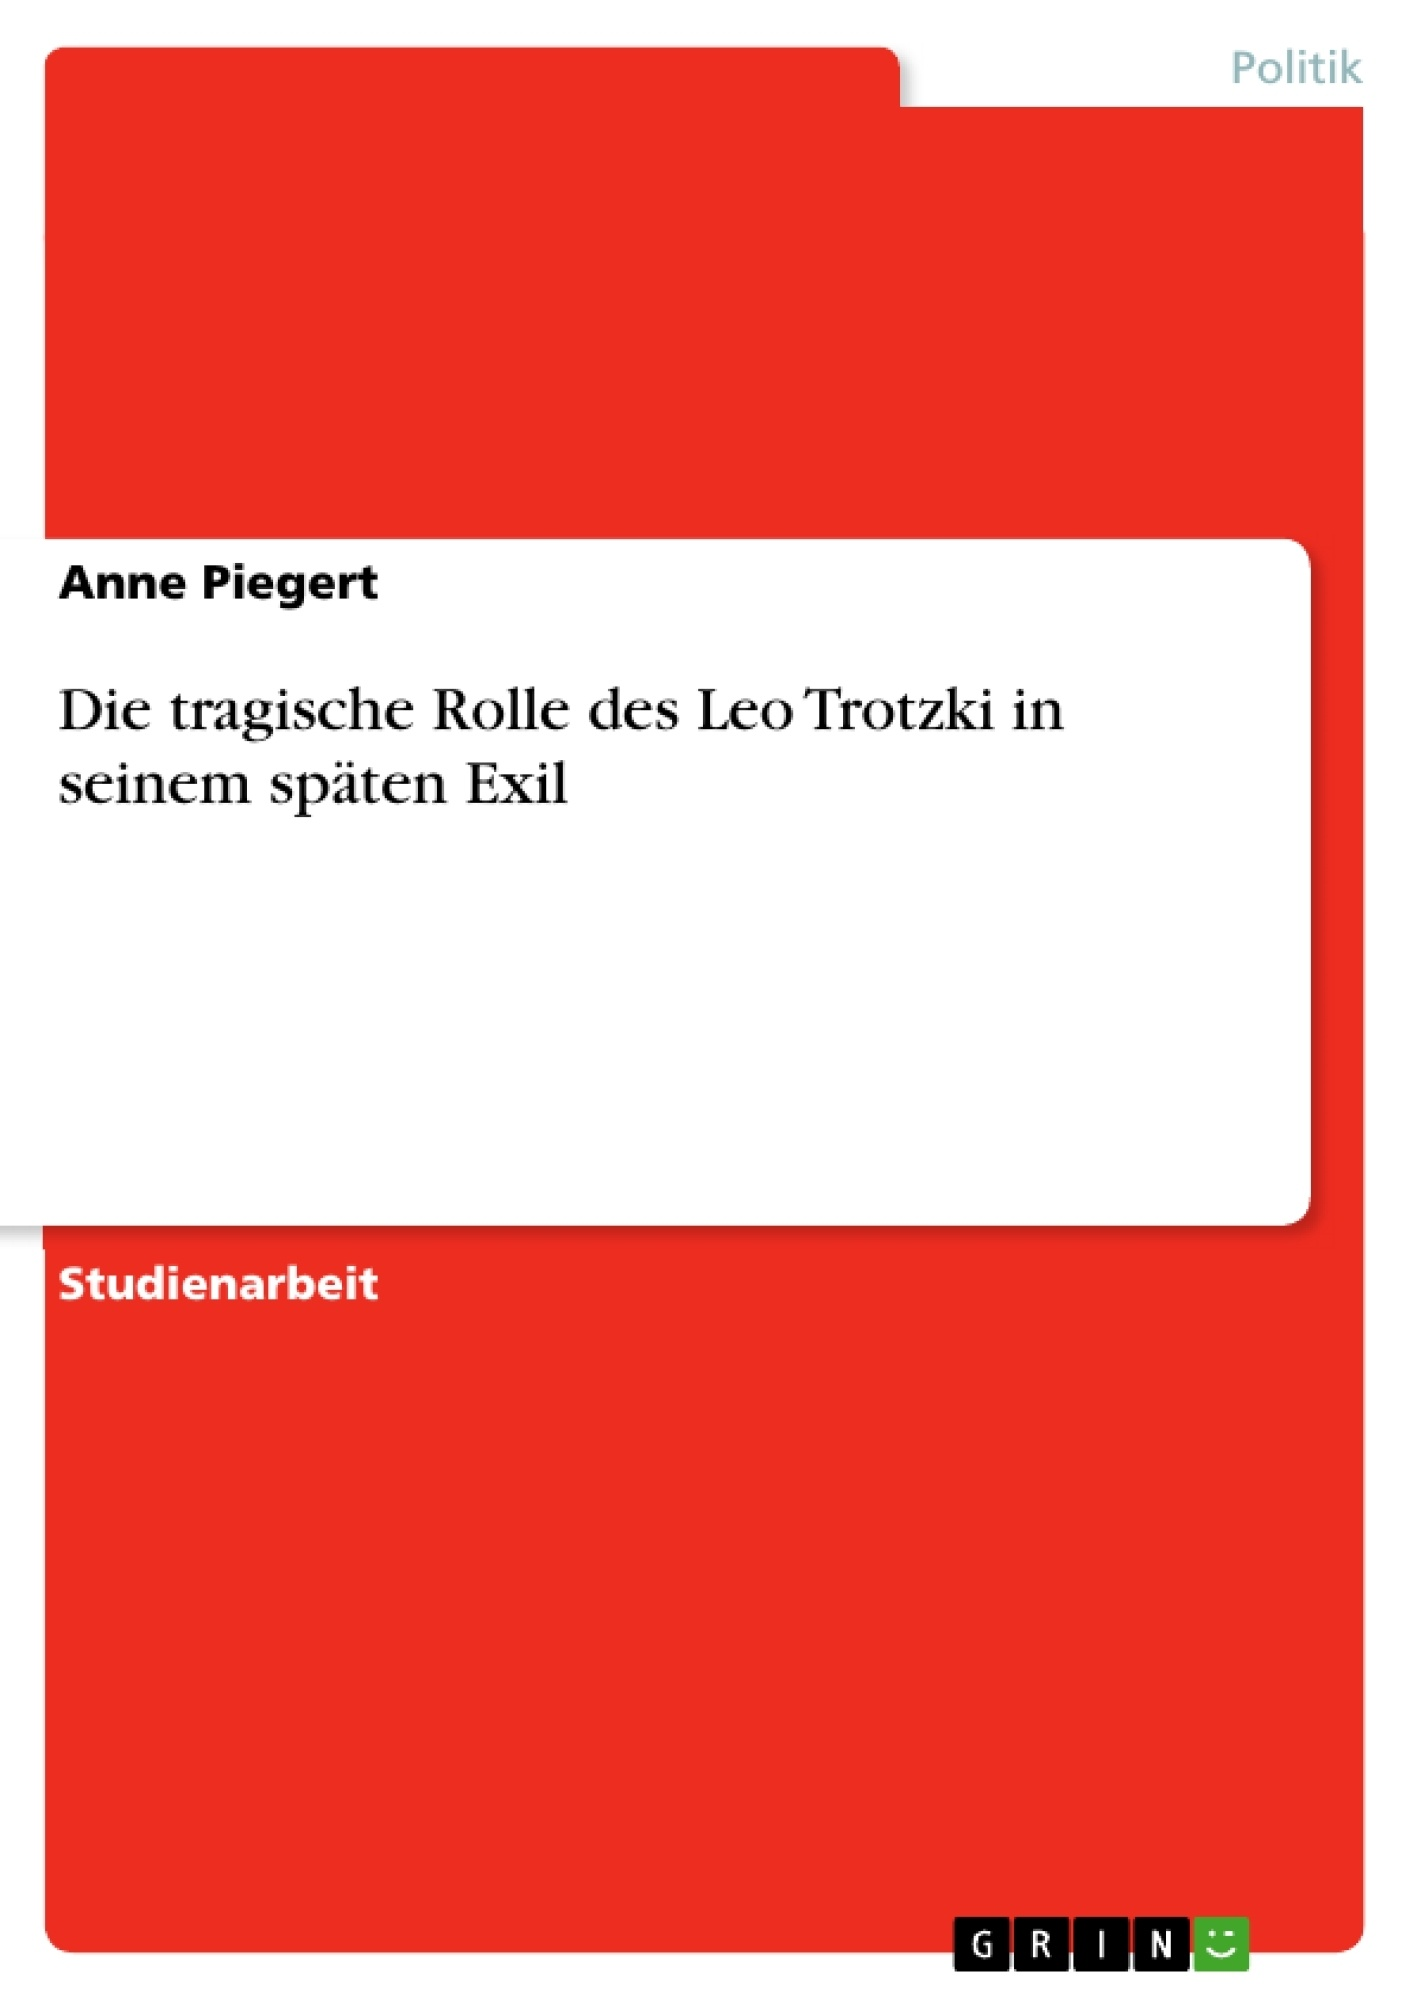 Titel: Die tragische Rolle des Leo Trotzki in seinem späten Exil